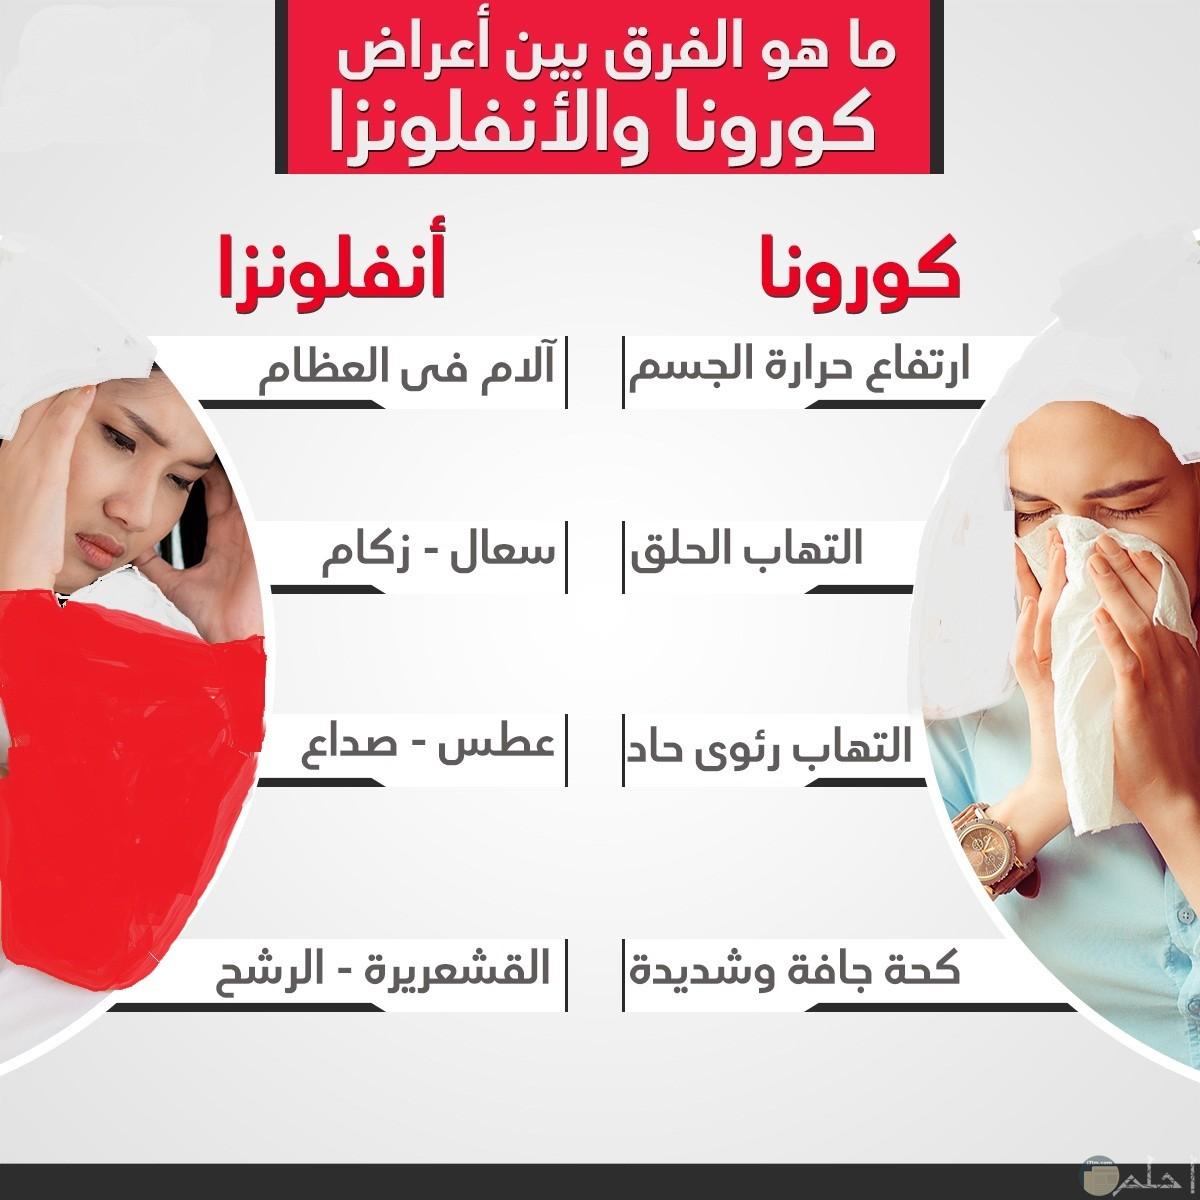 كيف تفرق بين اعراض كورونا و البرد العادي.